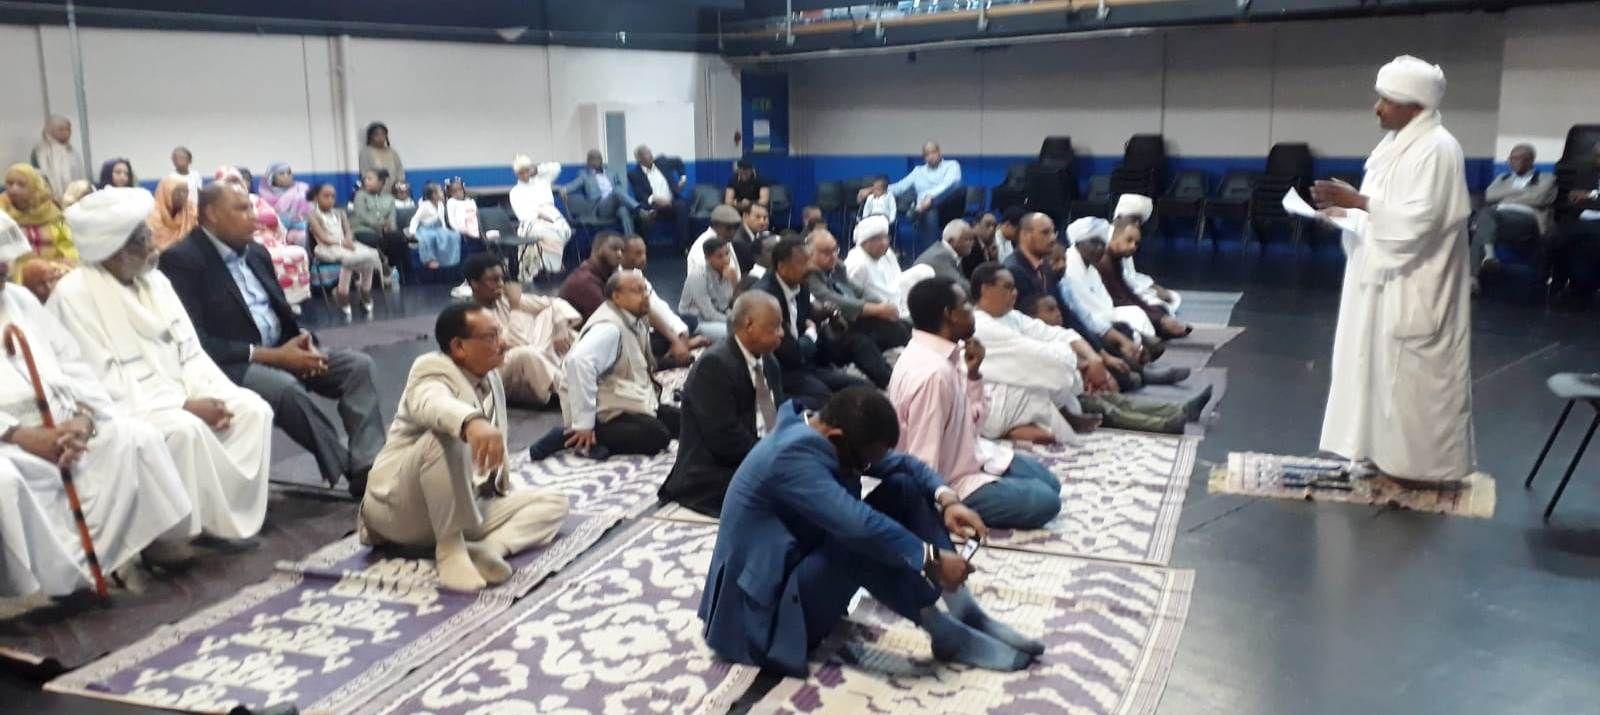 دعوة لحضور احتفال السودانيين بالعيد في لندن